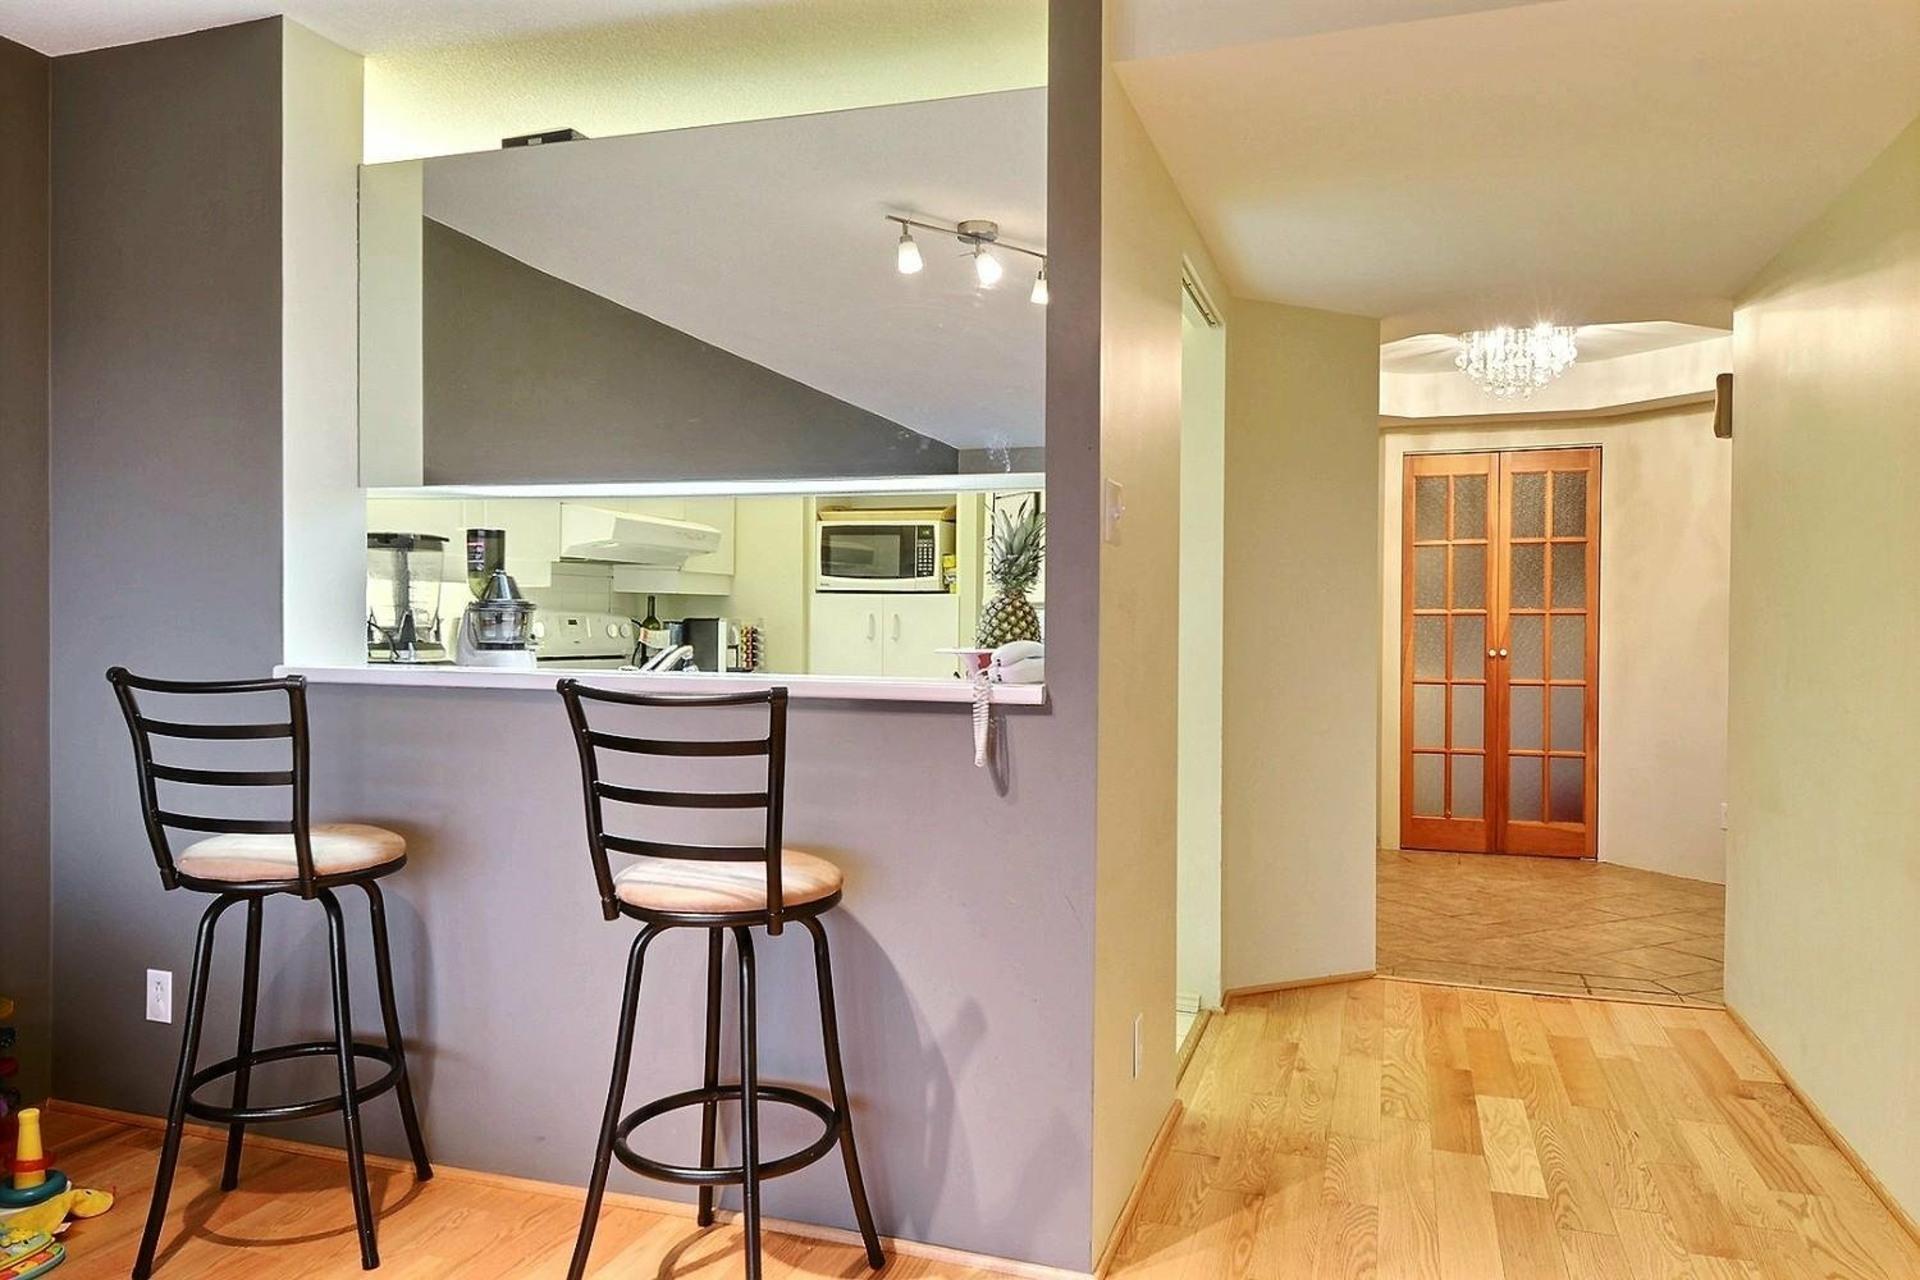 image 8 - Appartement À vendre Montréal Verdun/Île-des-Soeurs  - 5 pièces